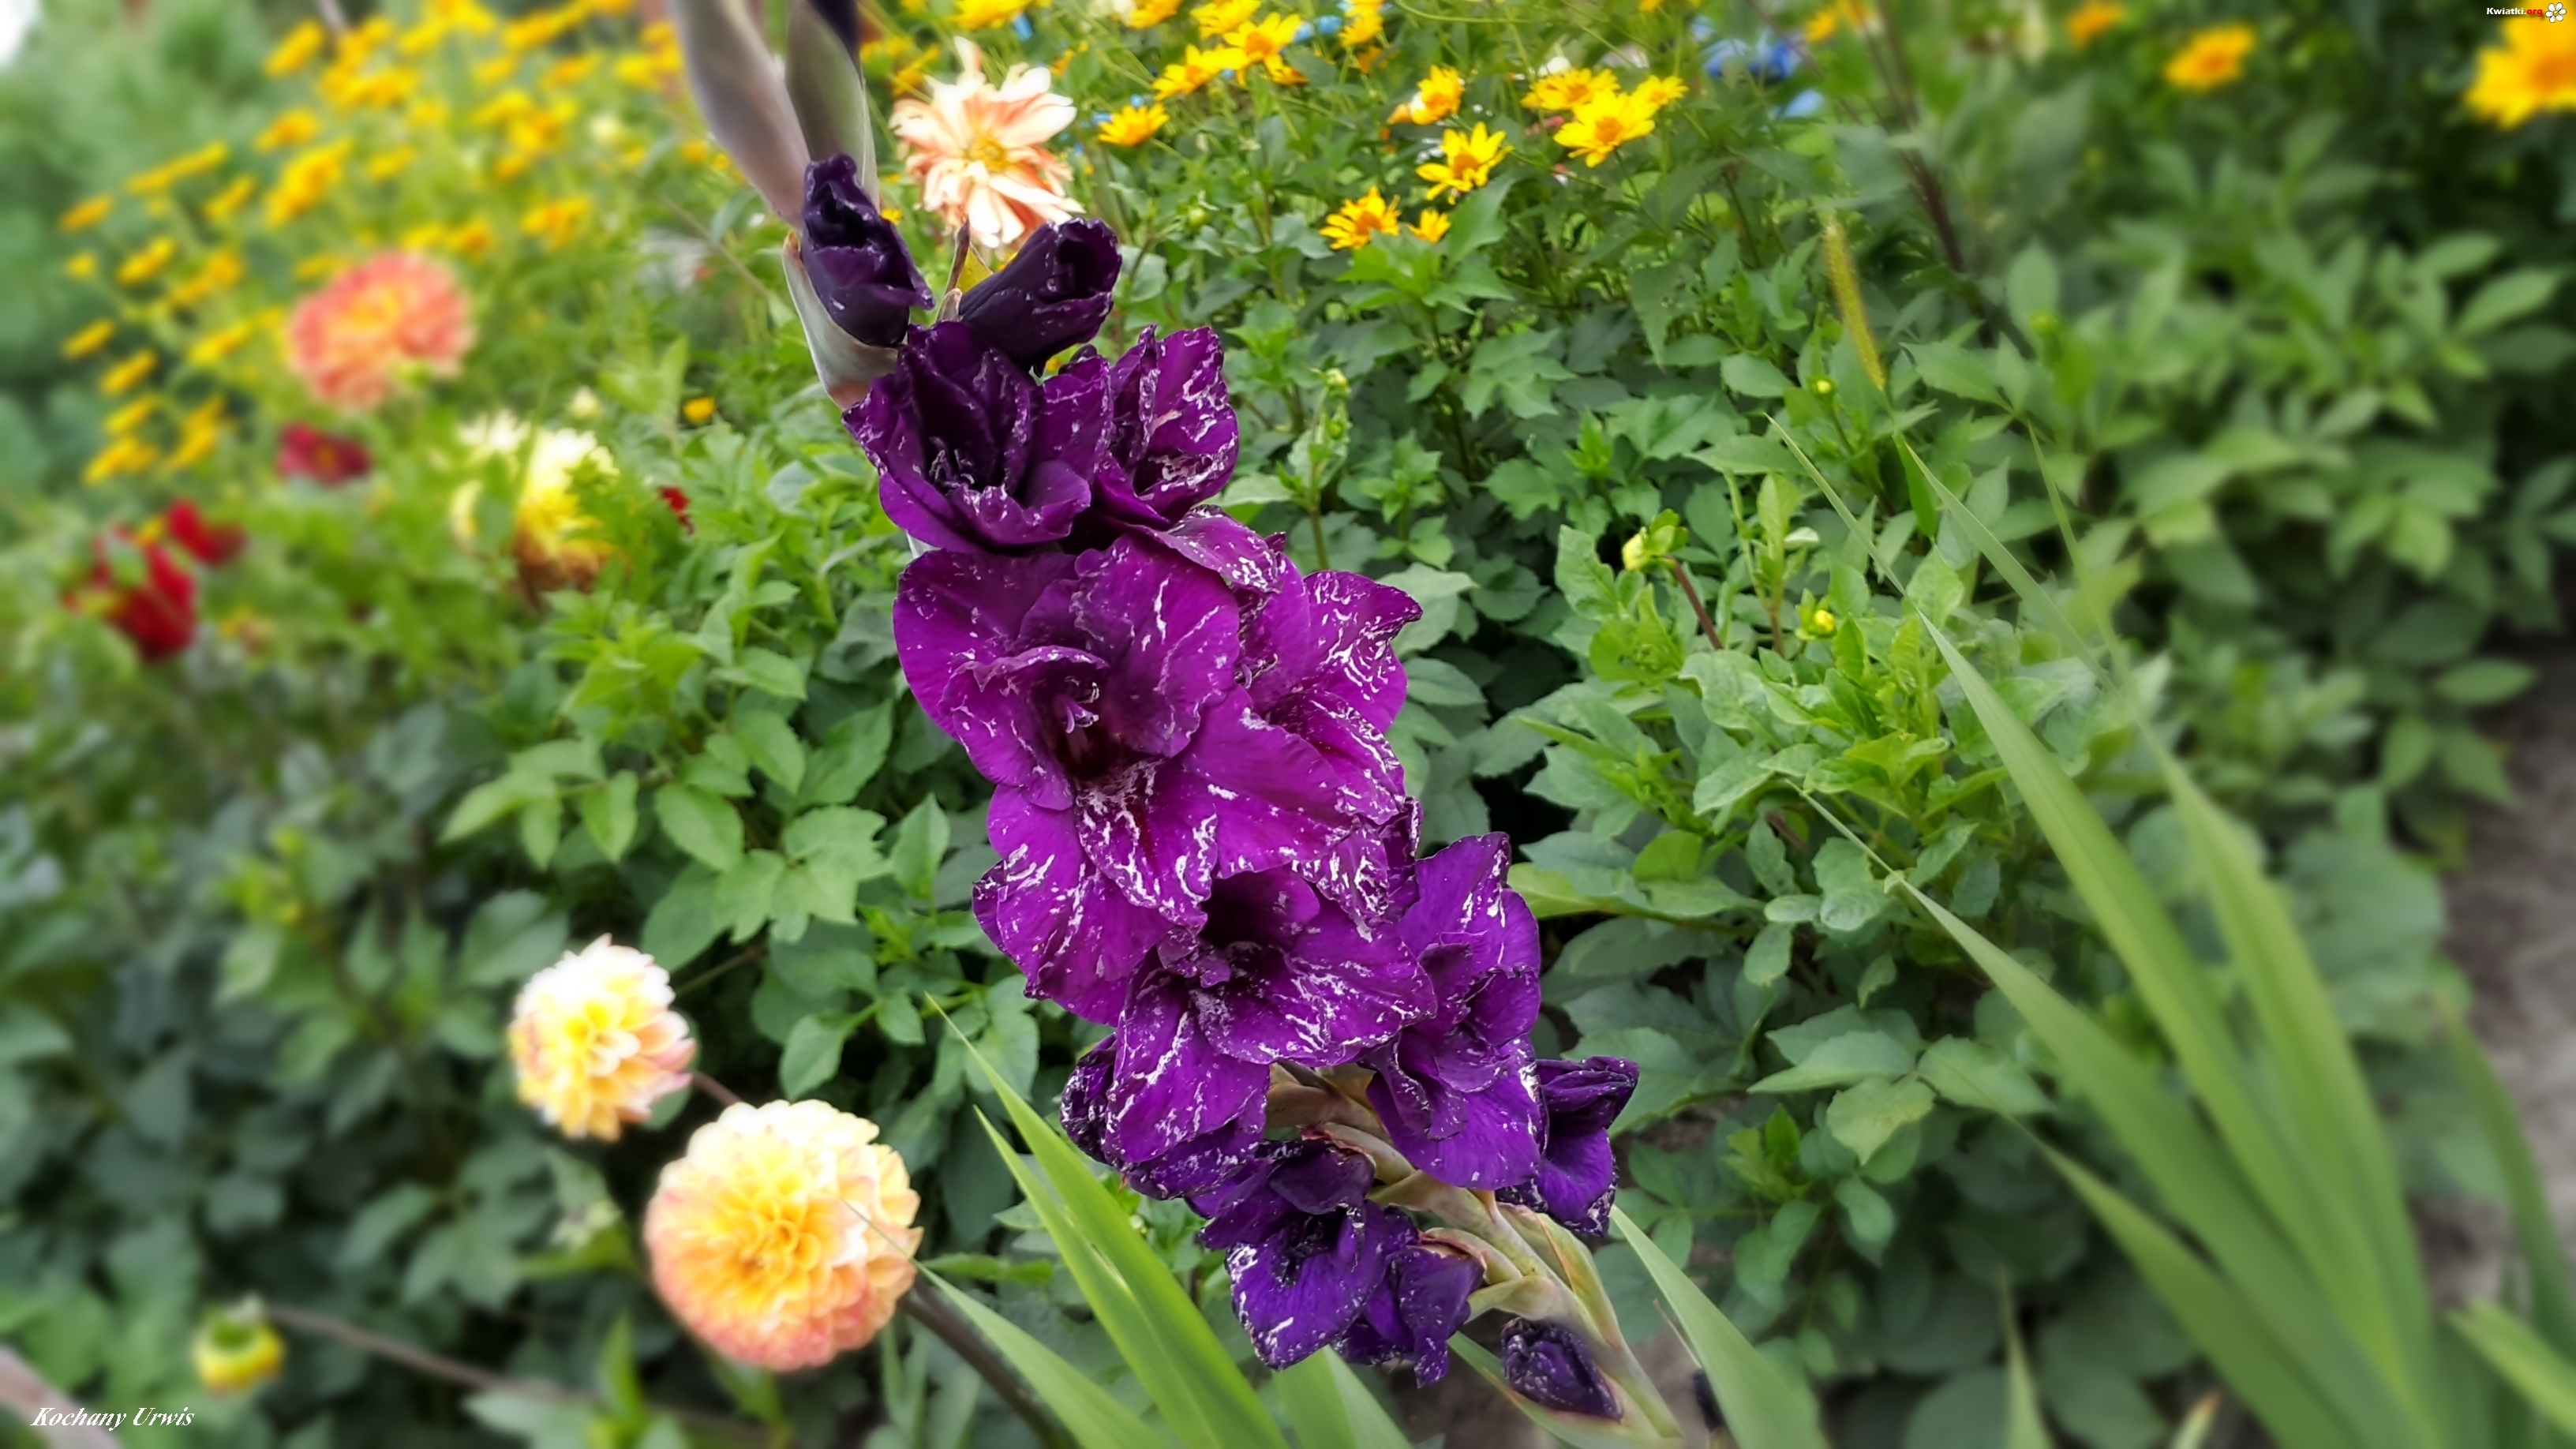 Ogrod Kwiaty Fioletowy Mieczyk Zdjecia